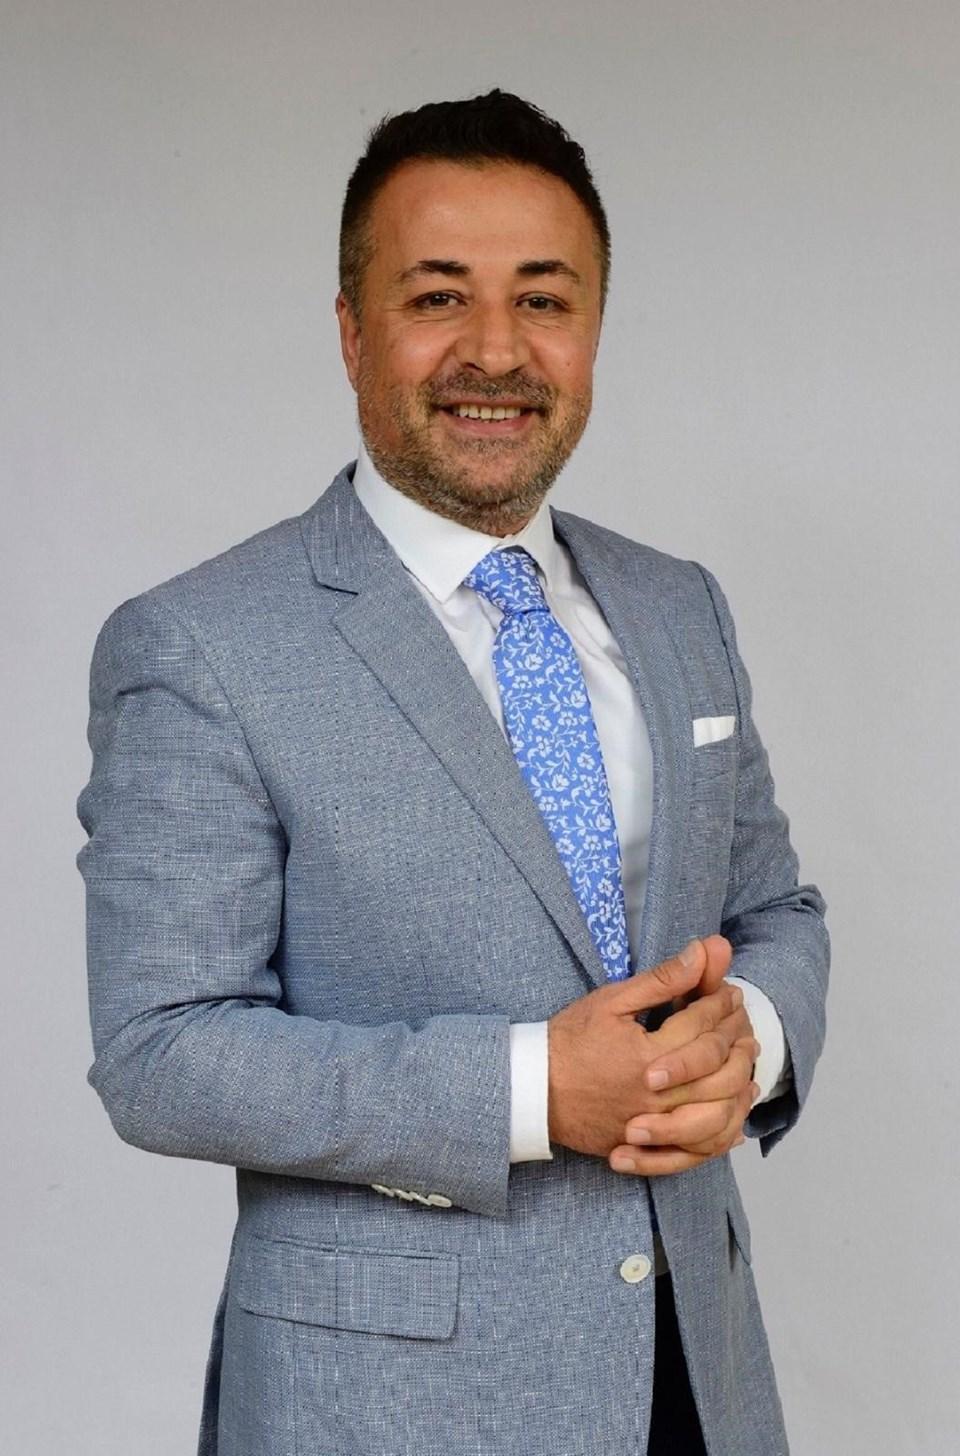 Dış Ekonomik İlişkiler Kurulu (DEİK) Sağlık Komisyonu Üyesi ve Esteworld Saç Ekimi ve Plastik Cerrahi Sağlık Grubu Yönetim Kurulu Başkanı Dr. Servet Terziler